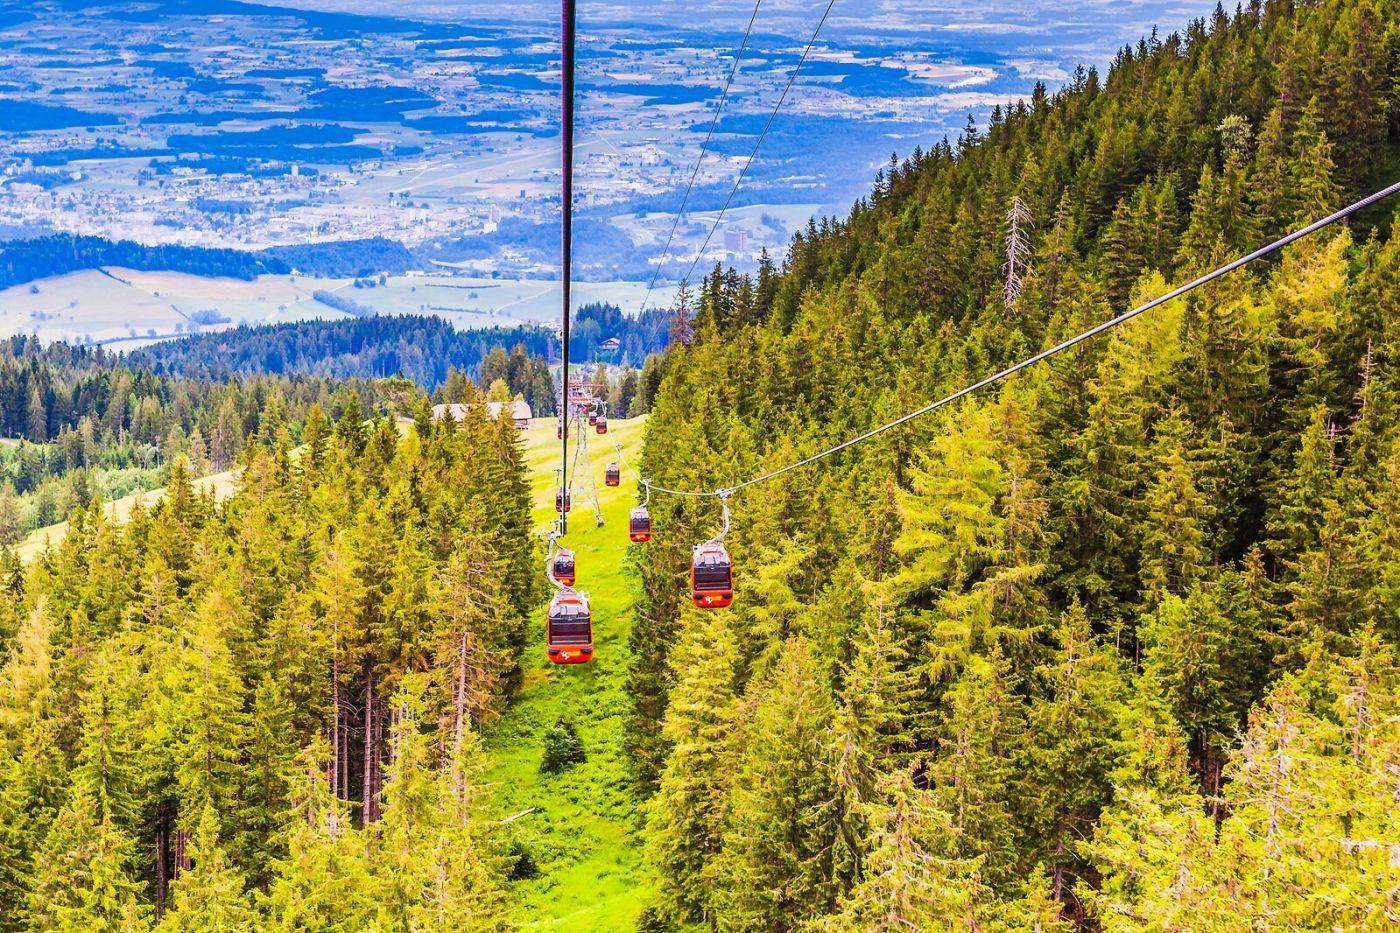 瑞士卢塞恩(Lucerne),坐缆车看风景_图1-17